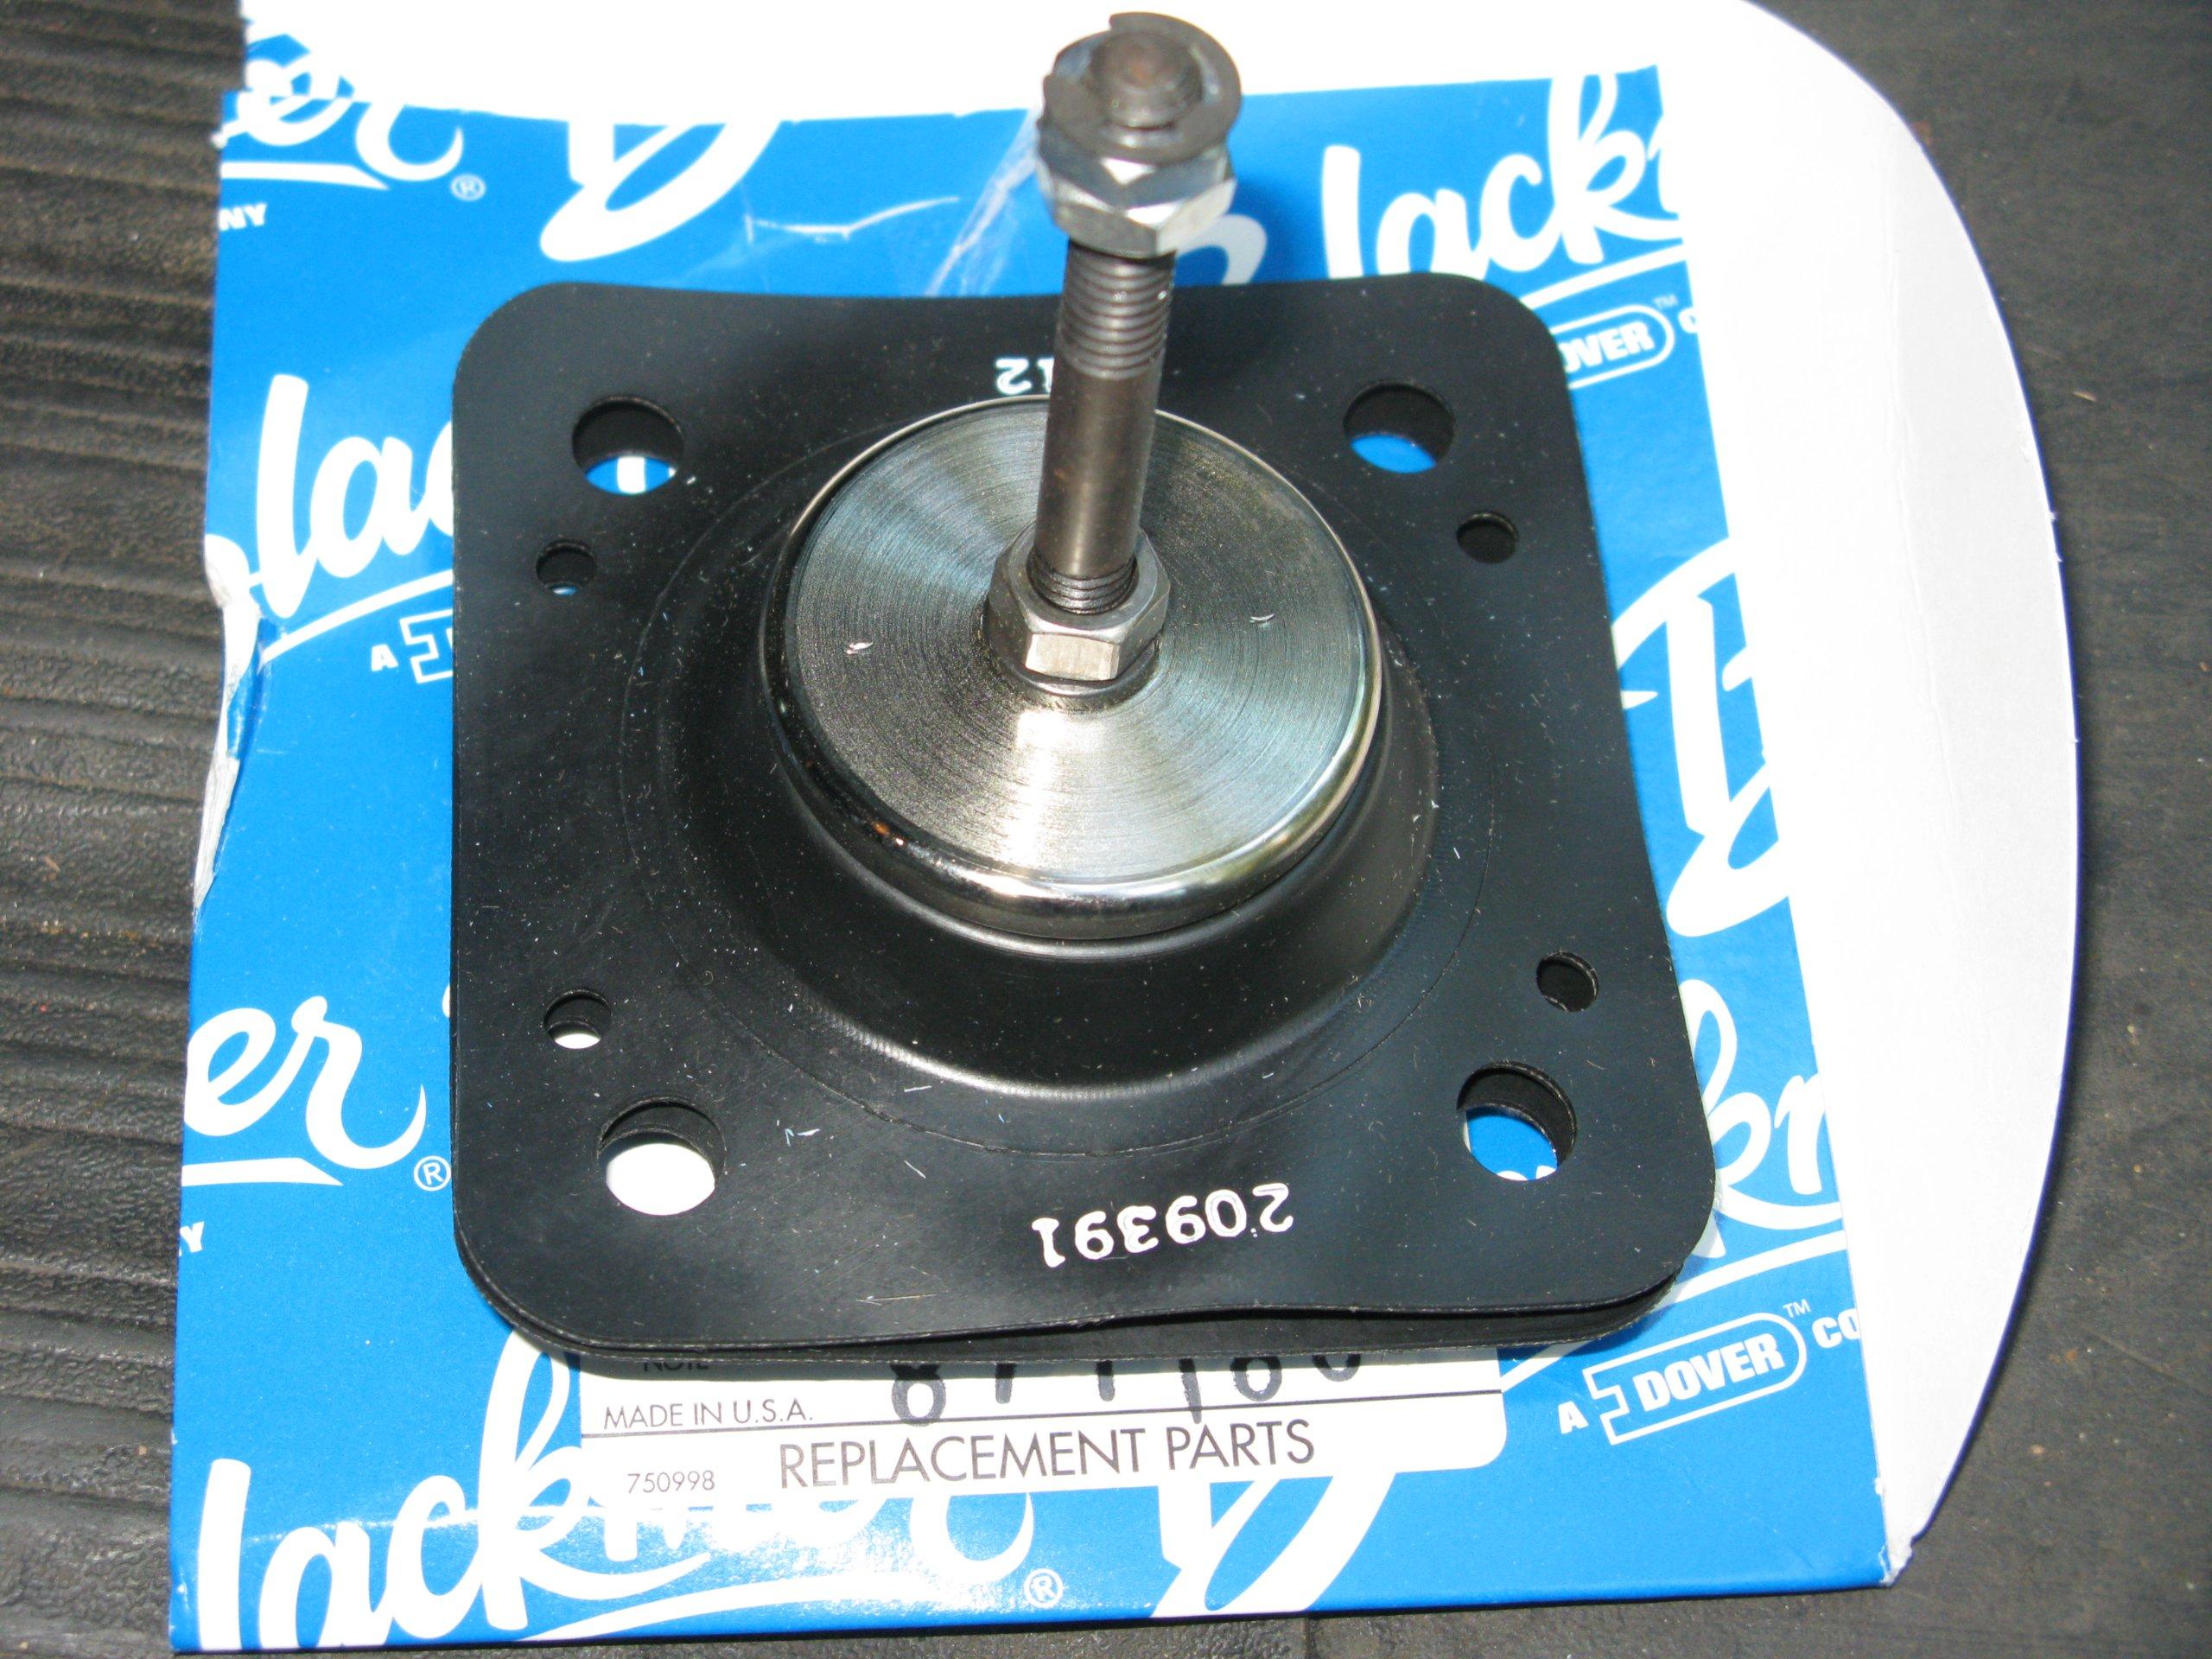 Blackmer TXDA 2.5 Pump Double Diaphragm